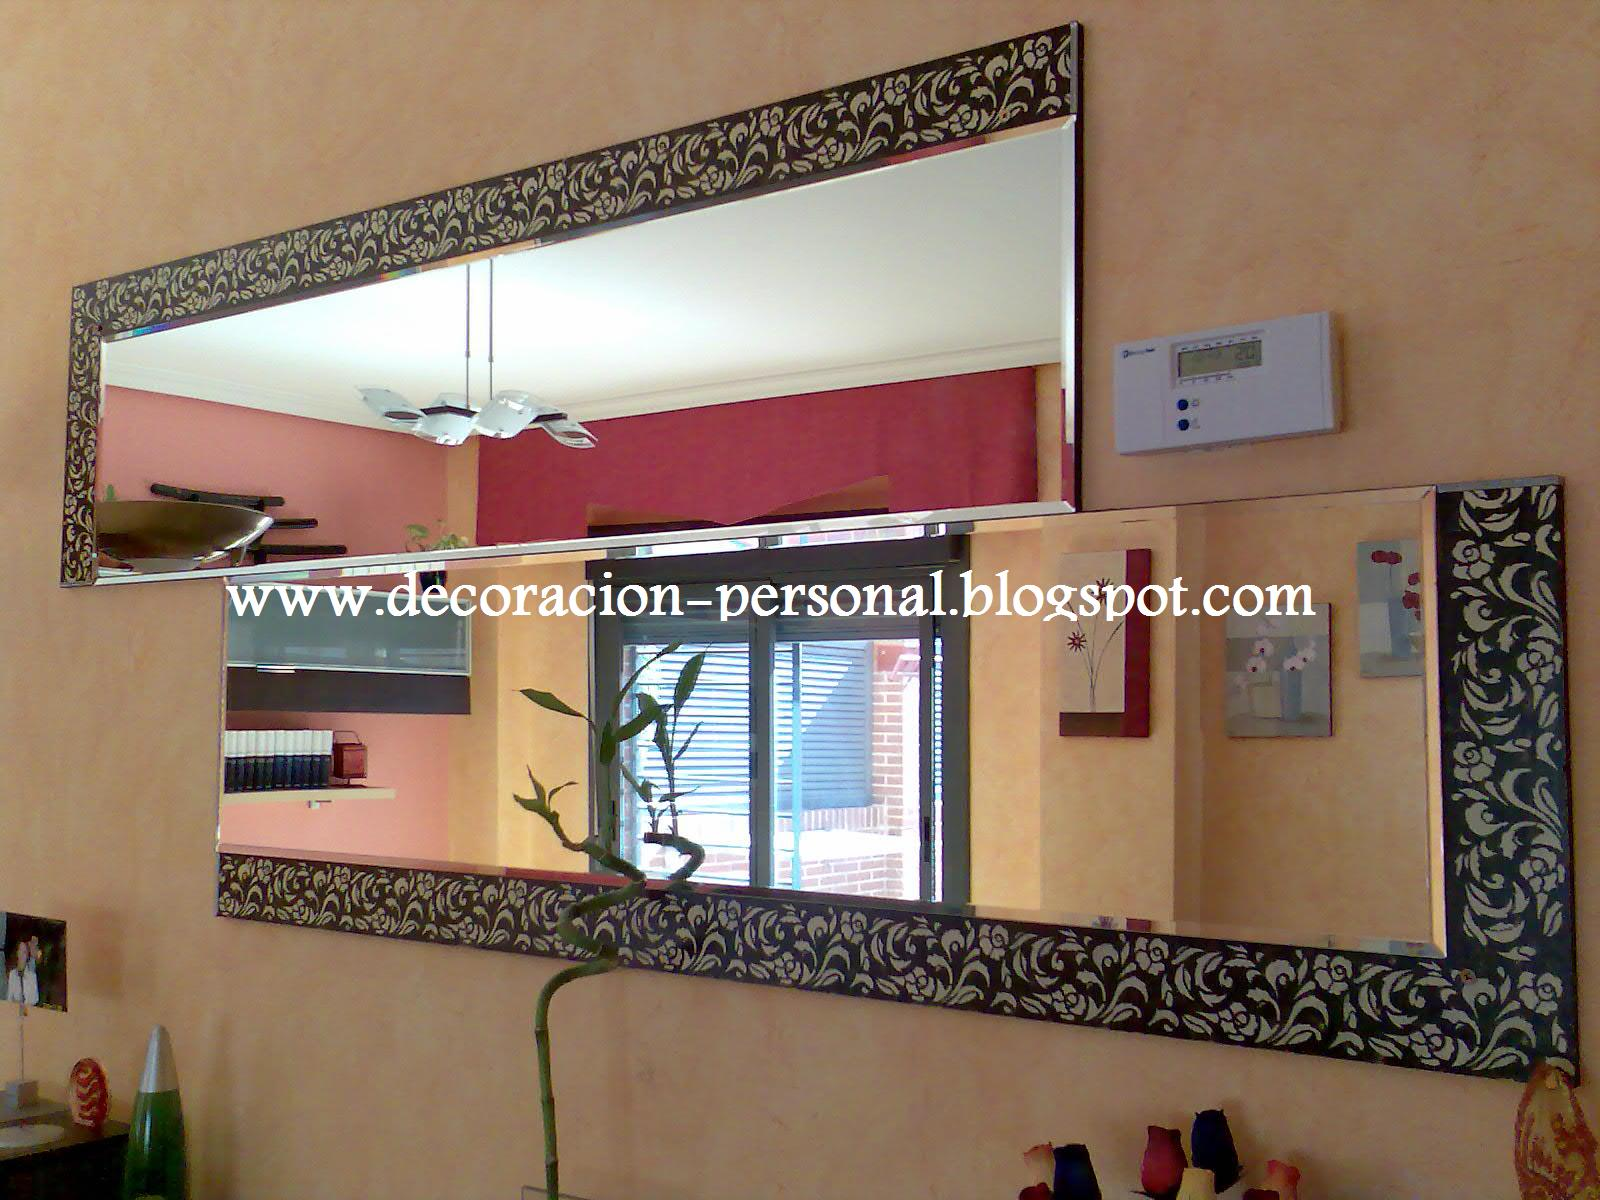 Decoracion personalizada p t espejo con cenefa 1 - Cenefas para espejos ...